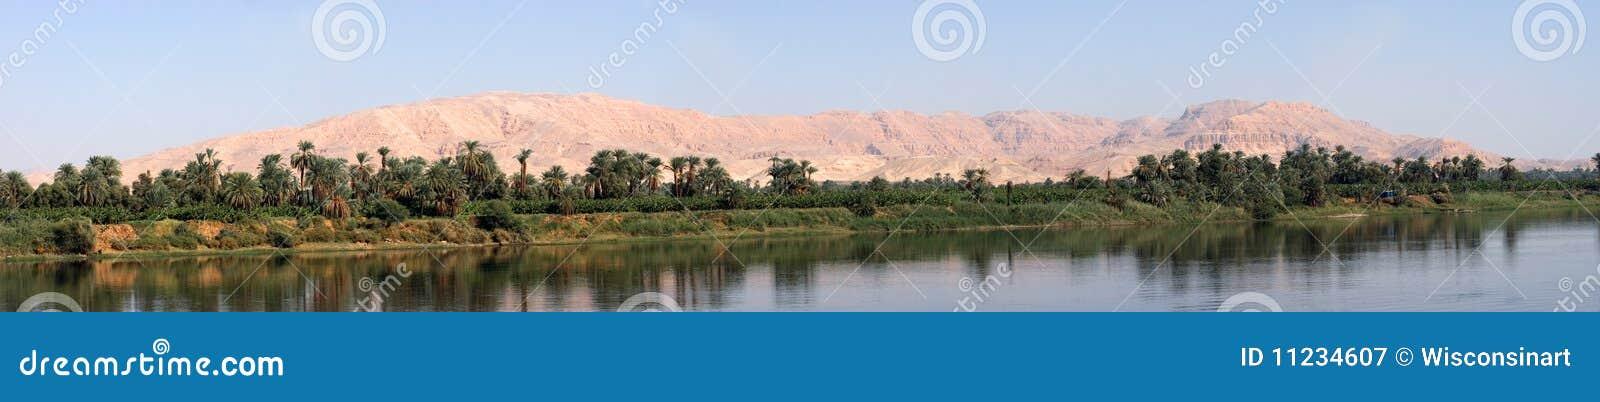 Vatten för flod för ökenegypt nile panorama panorama-